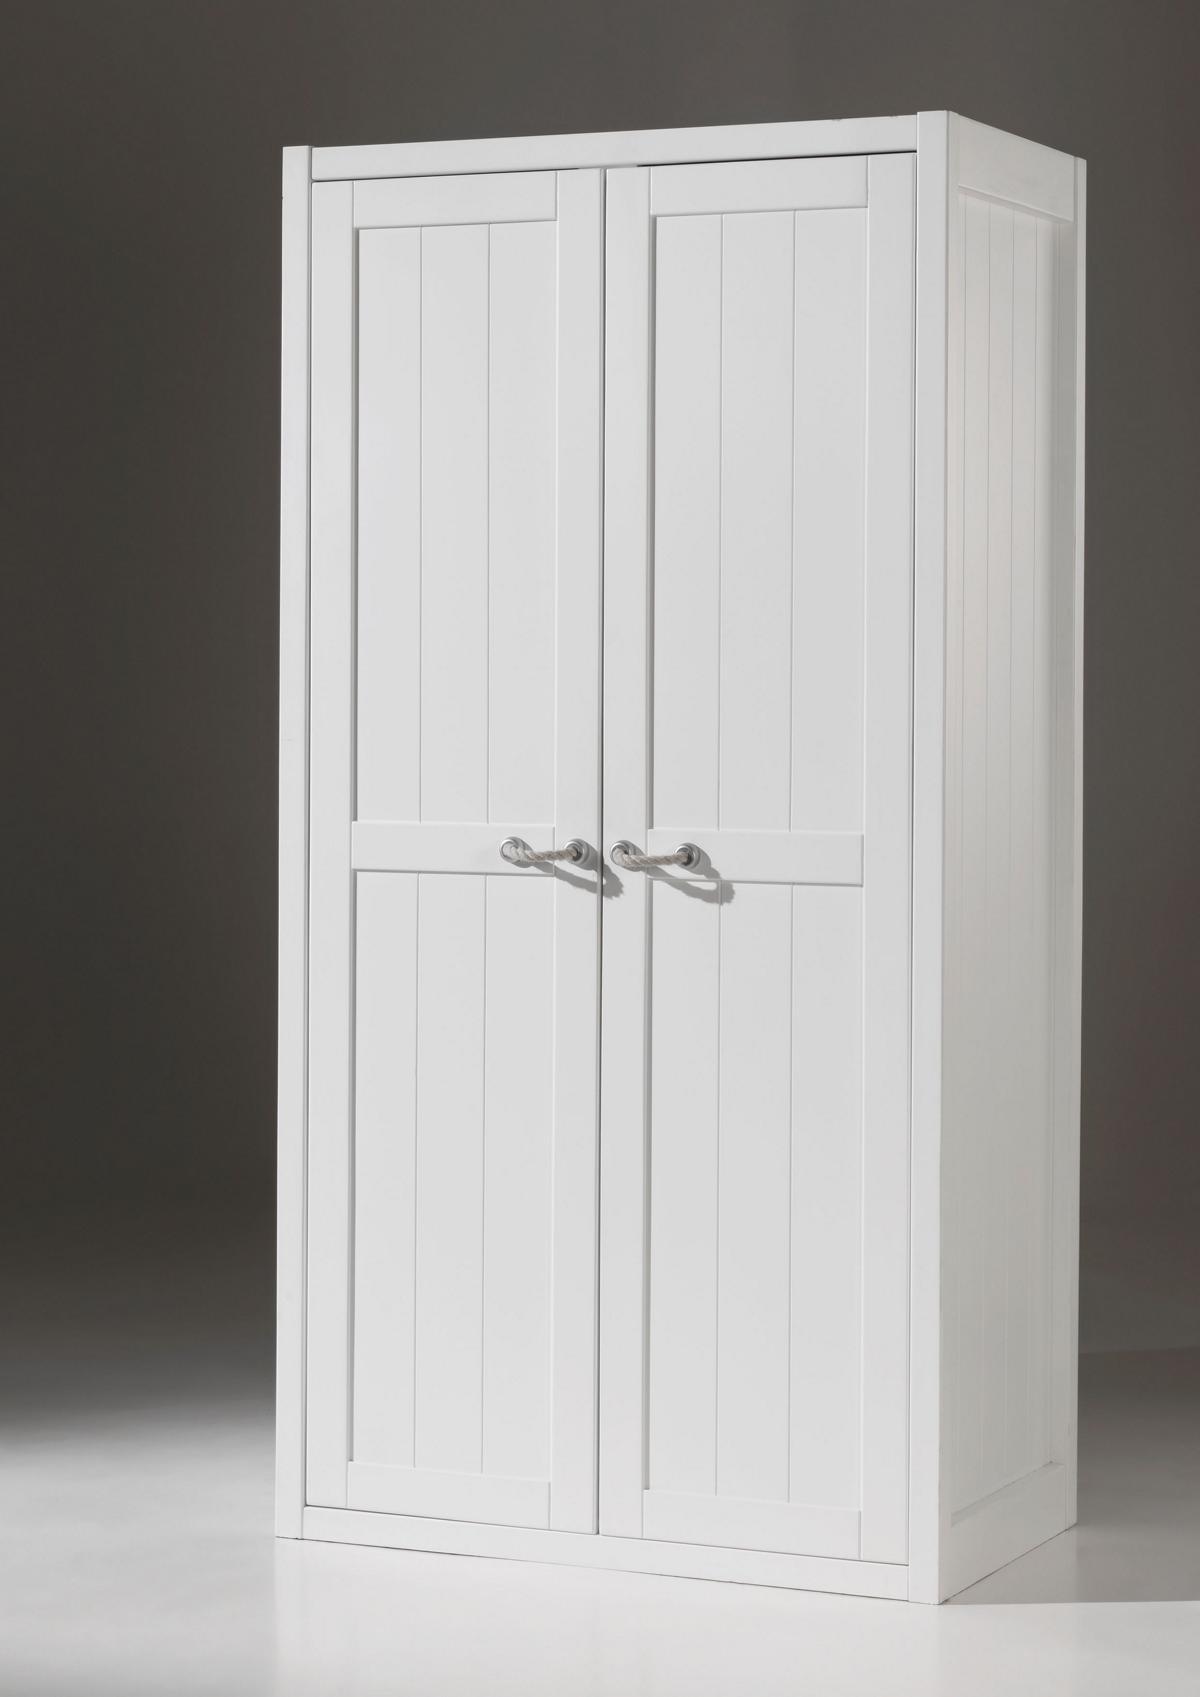 Kleiderschrank Iny 2- türig in Weiß